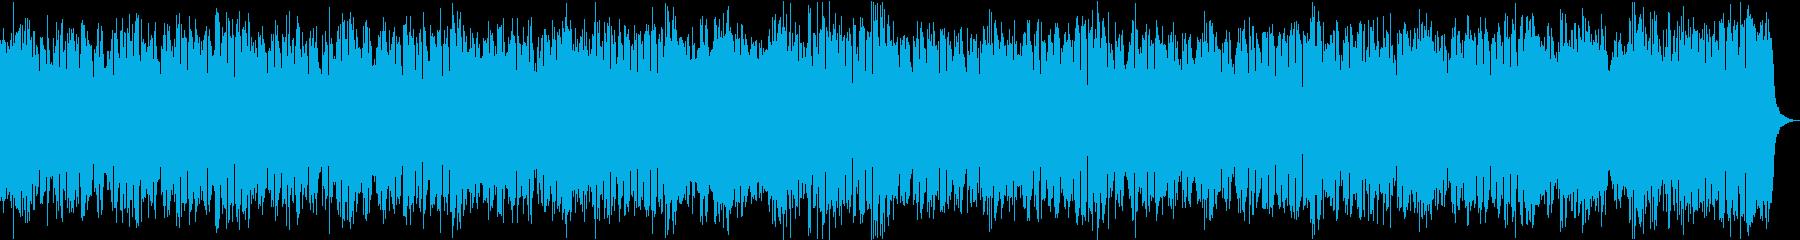 コマーシャルゴージャス派手ブラスロックaの再生済みの波形